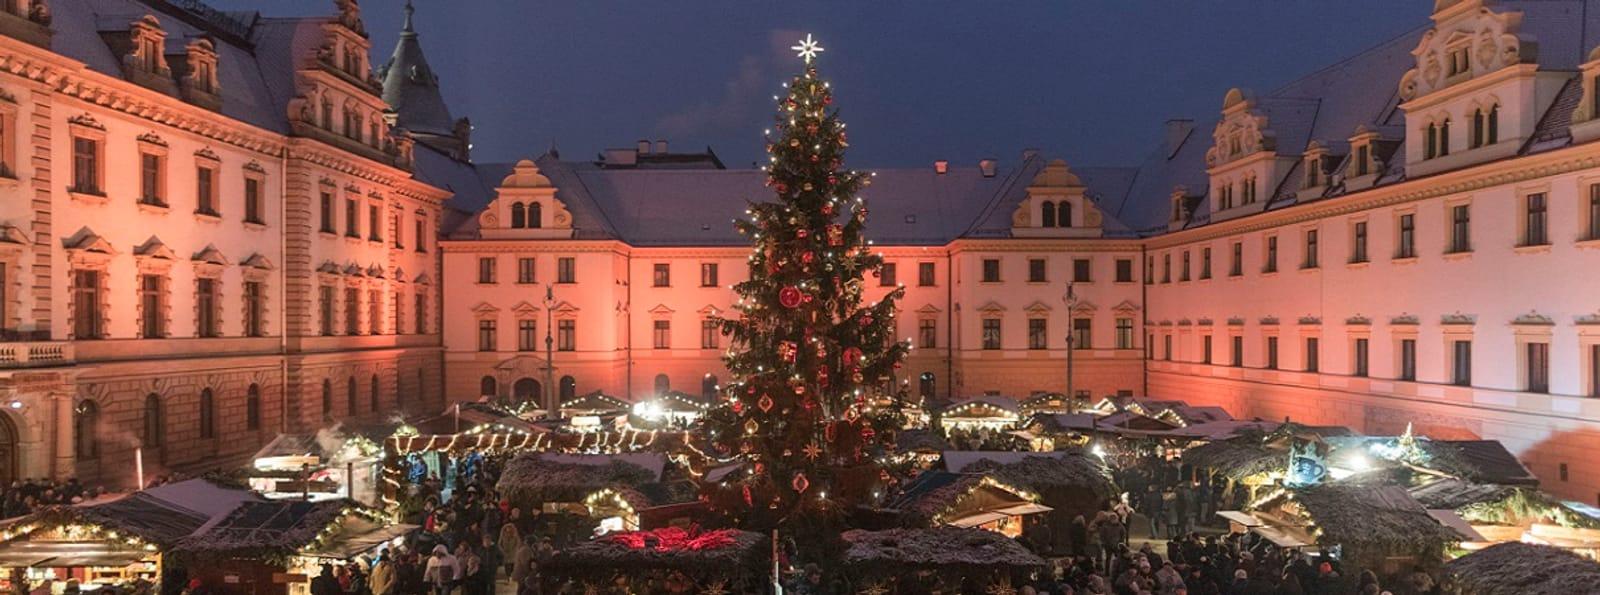 Romantischer Weihnachtsmarkt auf Schloss Thurn & Taxis zu Regensburg